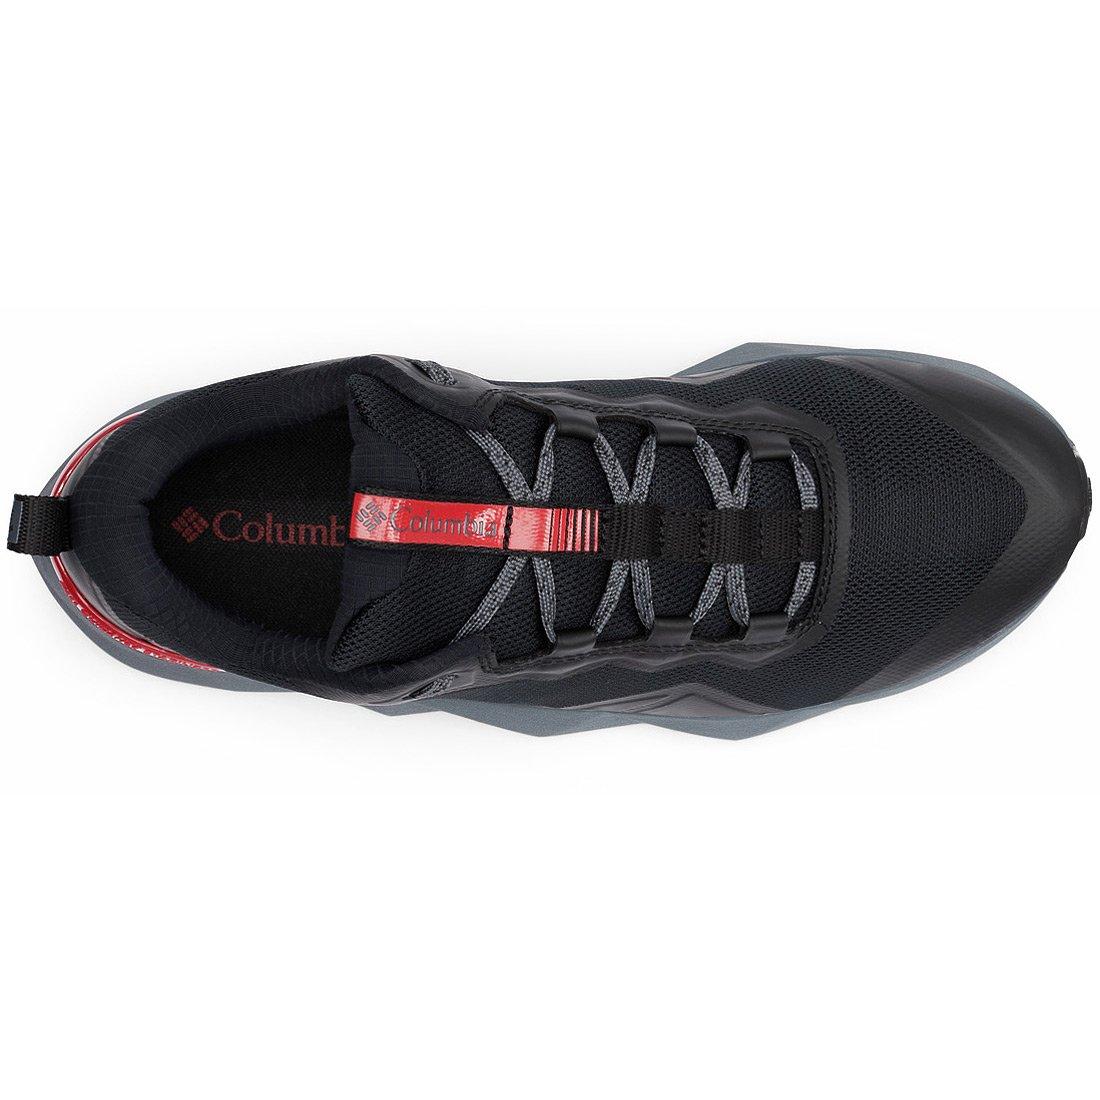 נעלי טיולים לגברים - Facet 15 M - Columbia